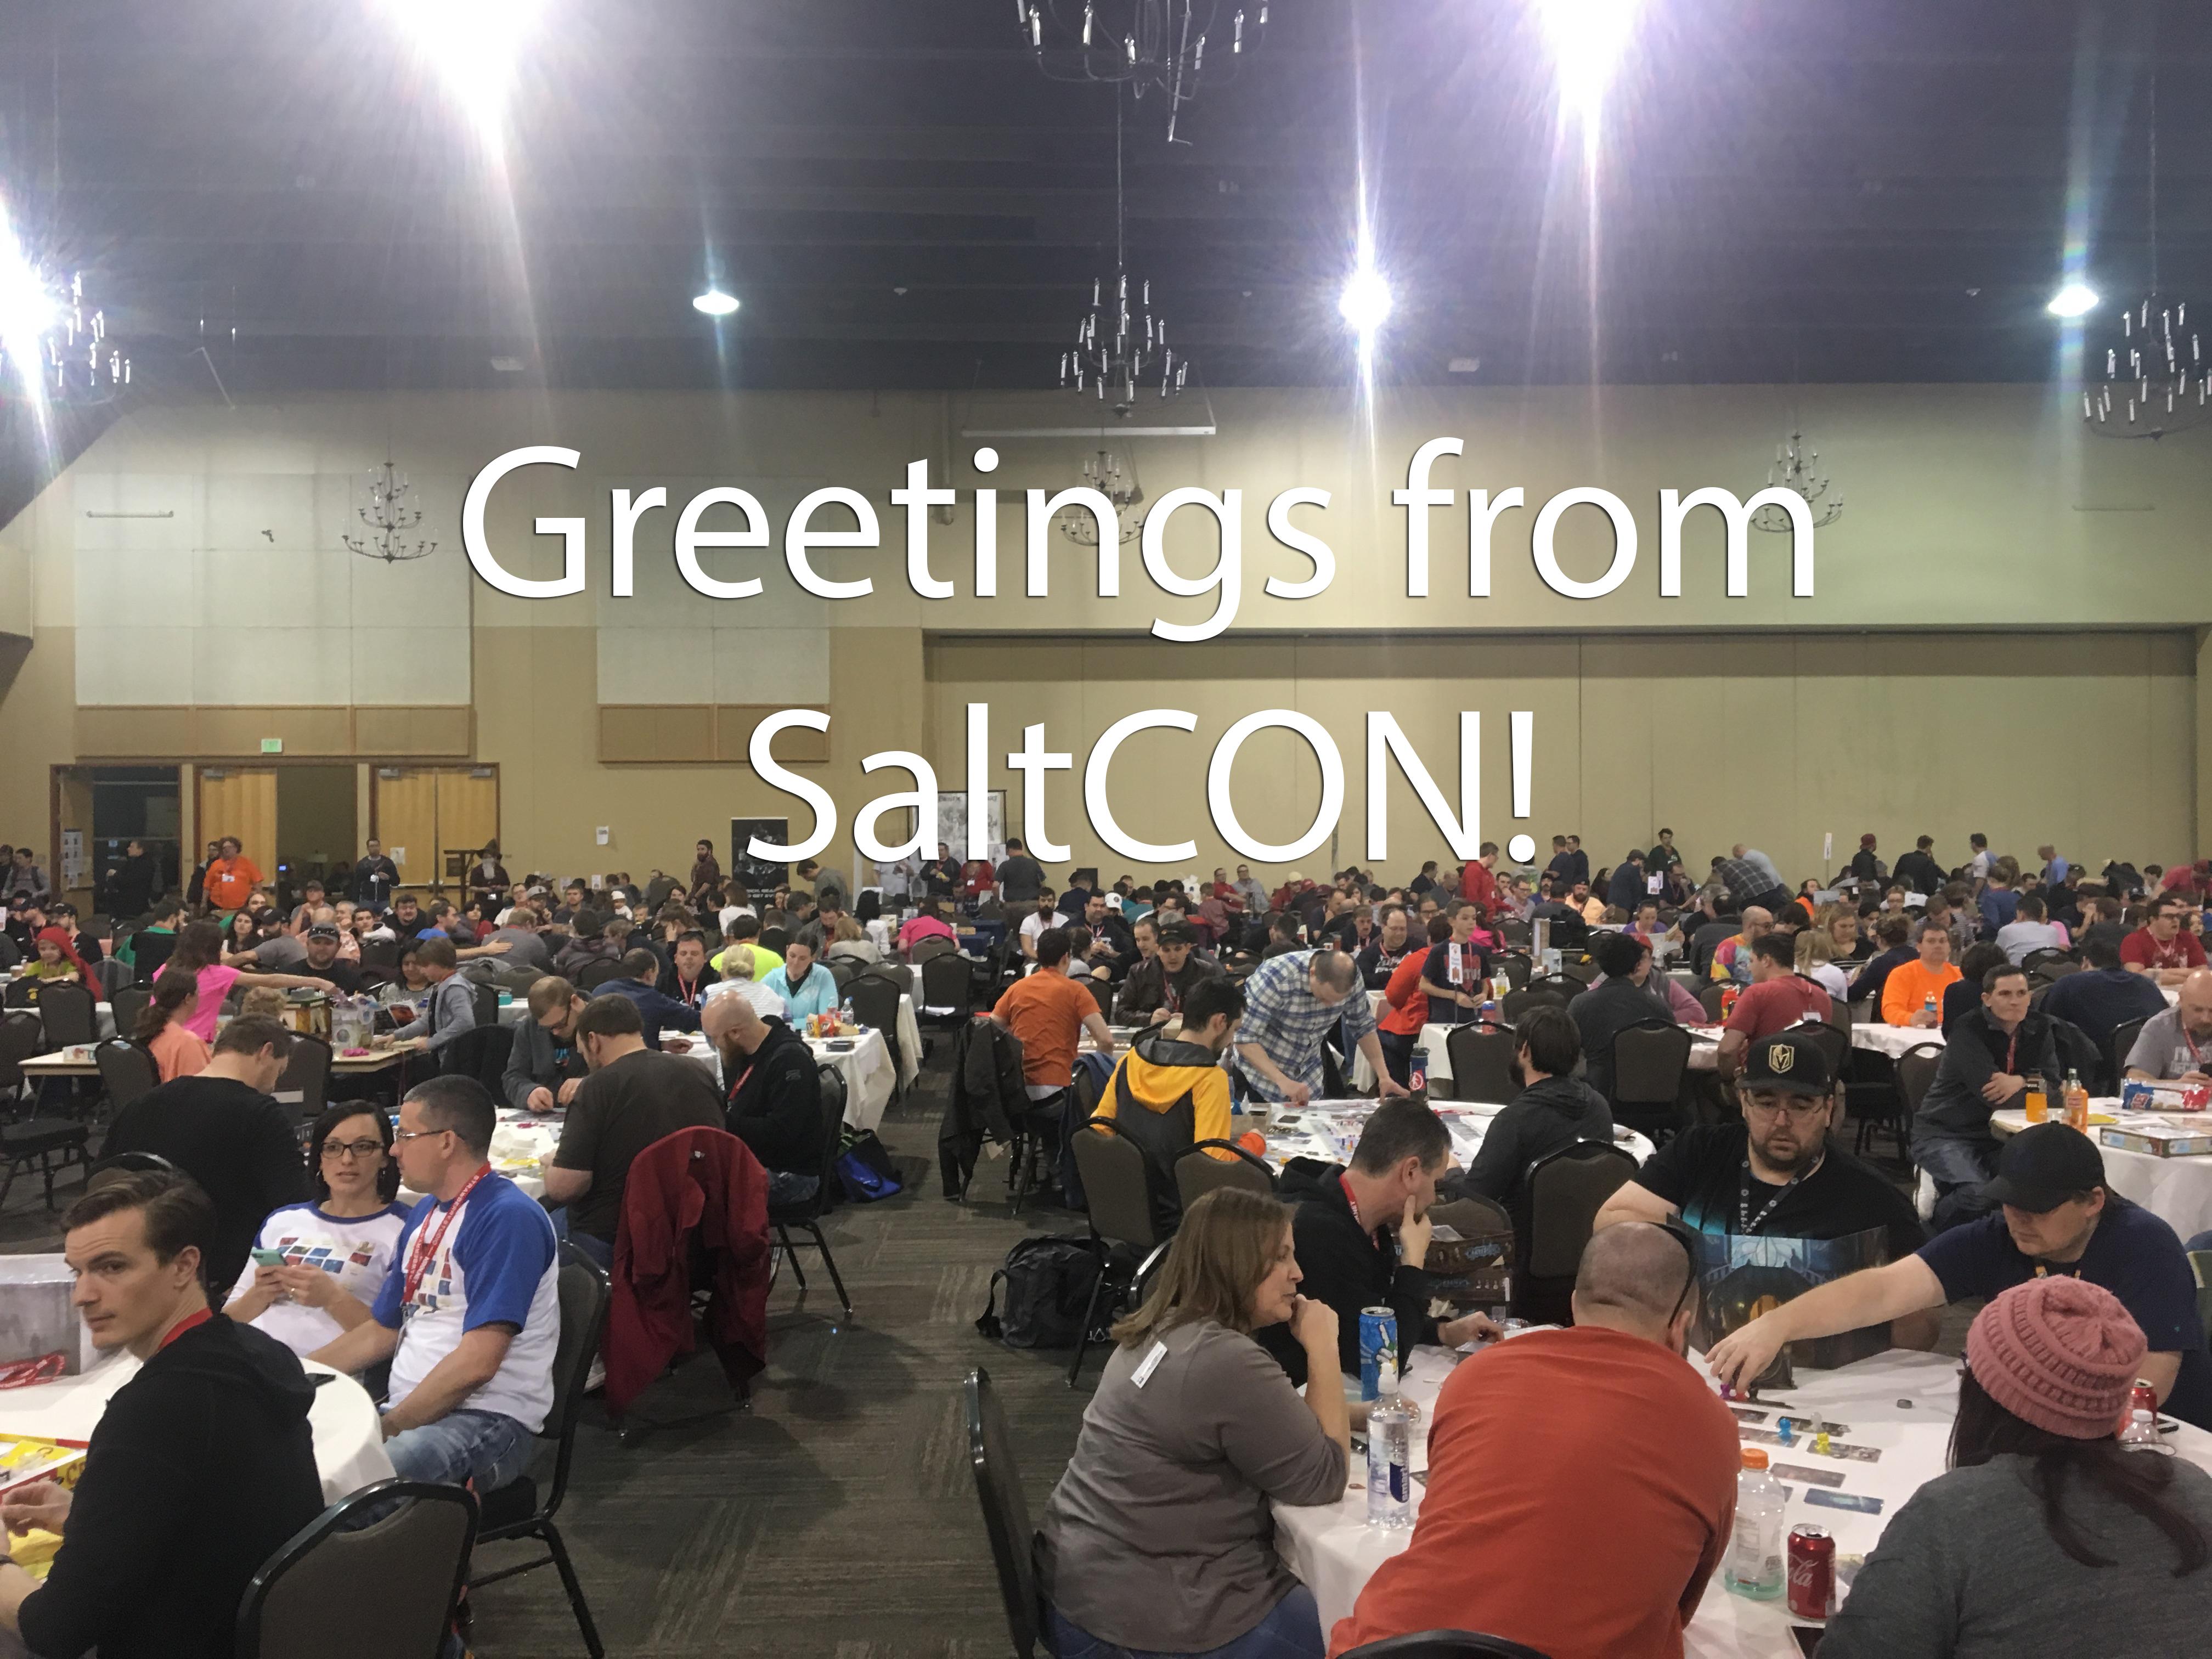 SaltCON 2018: A Weekend of Non-Stop Gaming   Benjamin Kocher